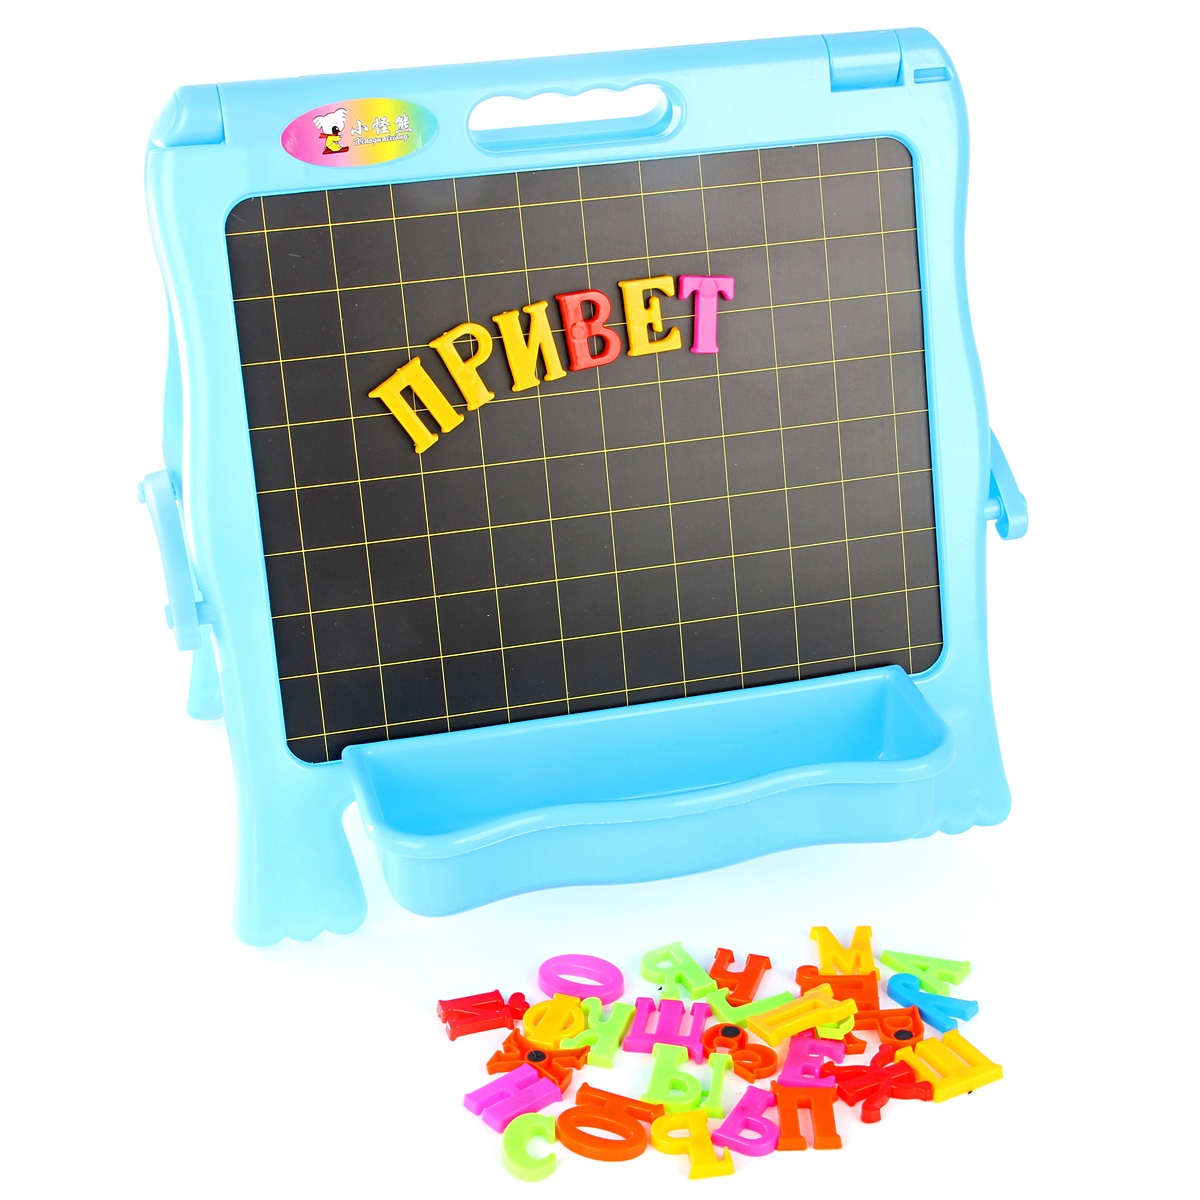 Veld-Co Доска для рисования двусторонняя с азбукой 36 х 36 см59267Двухсторонная магнитная доска сделает изучение азбуки очень увлекательным занятием. Так же на доске можно рисовать любые изображения. В наборе разноцветные буквы алфавита на магнитах, маркер, губка для удаления записей с доски, 2 мелка, 2 дуги для подставки.